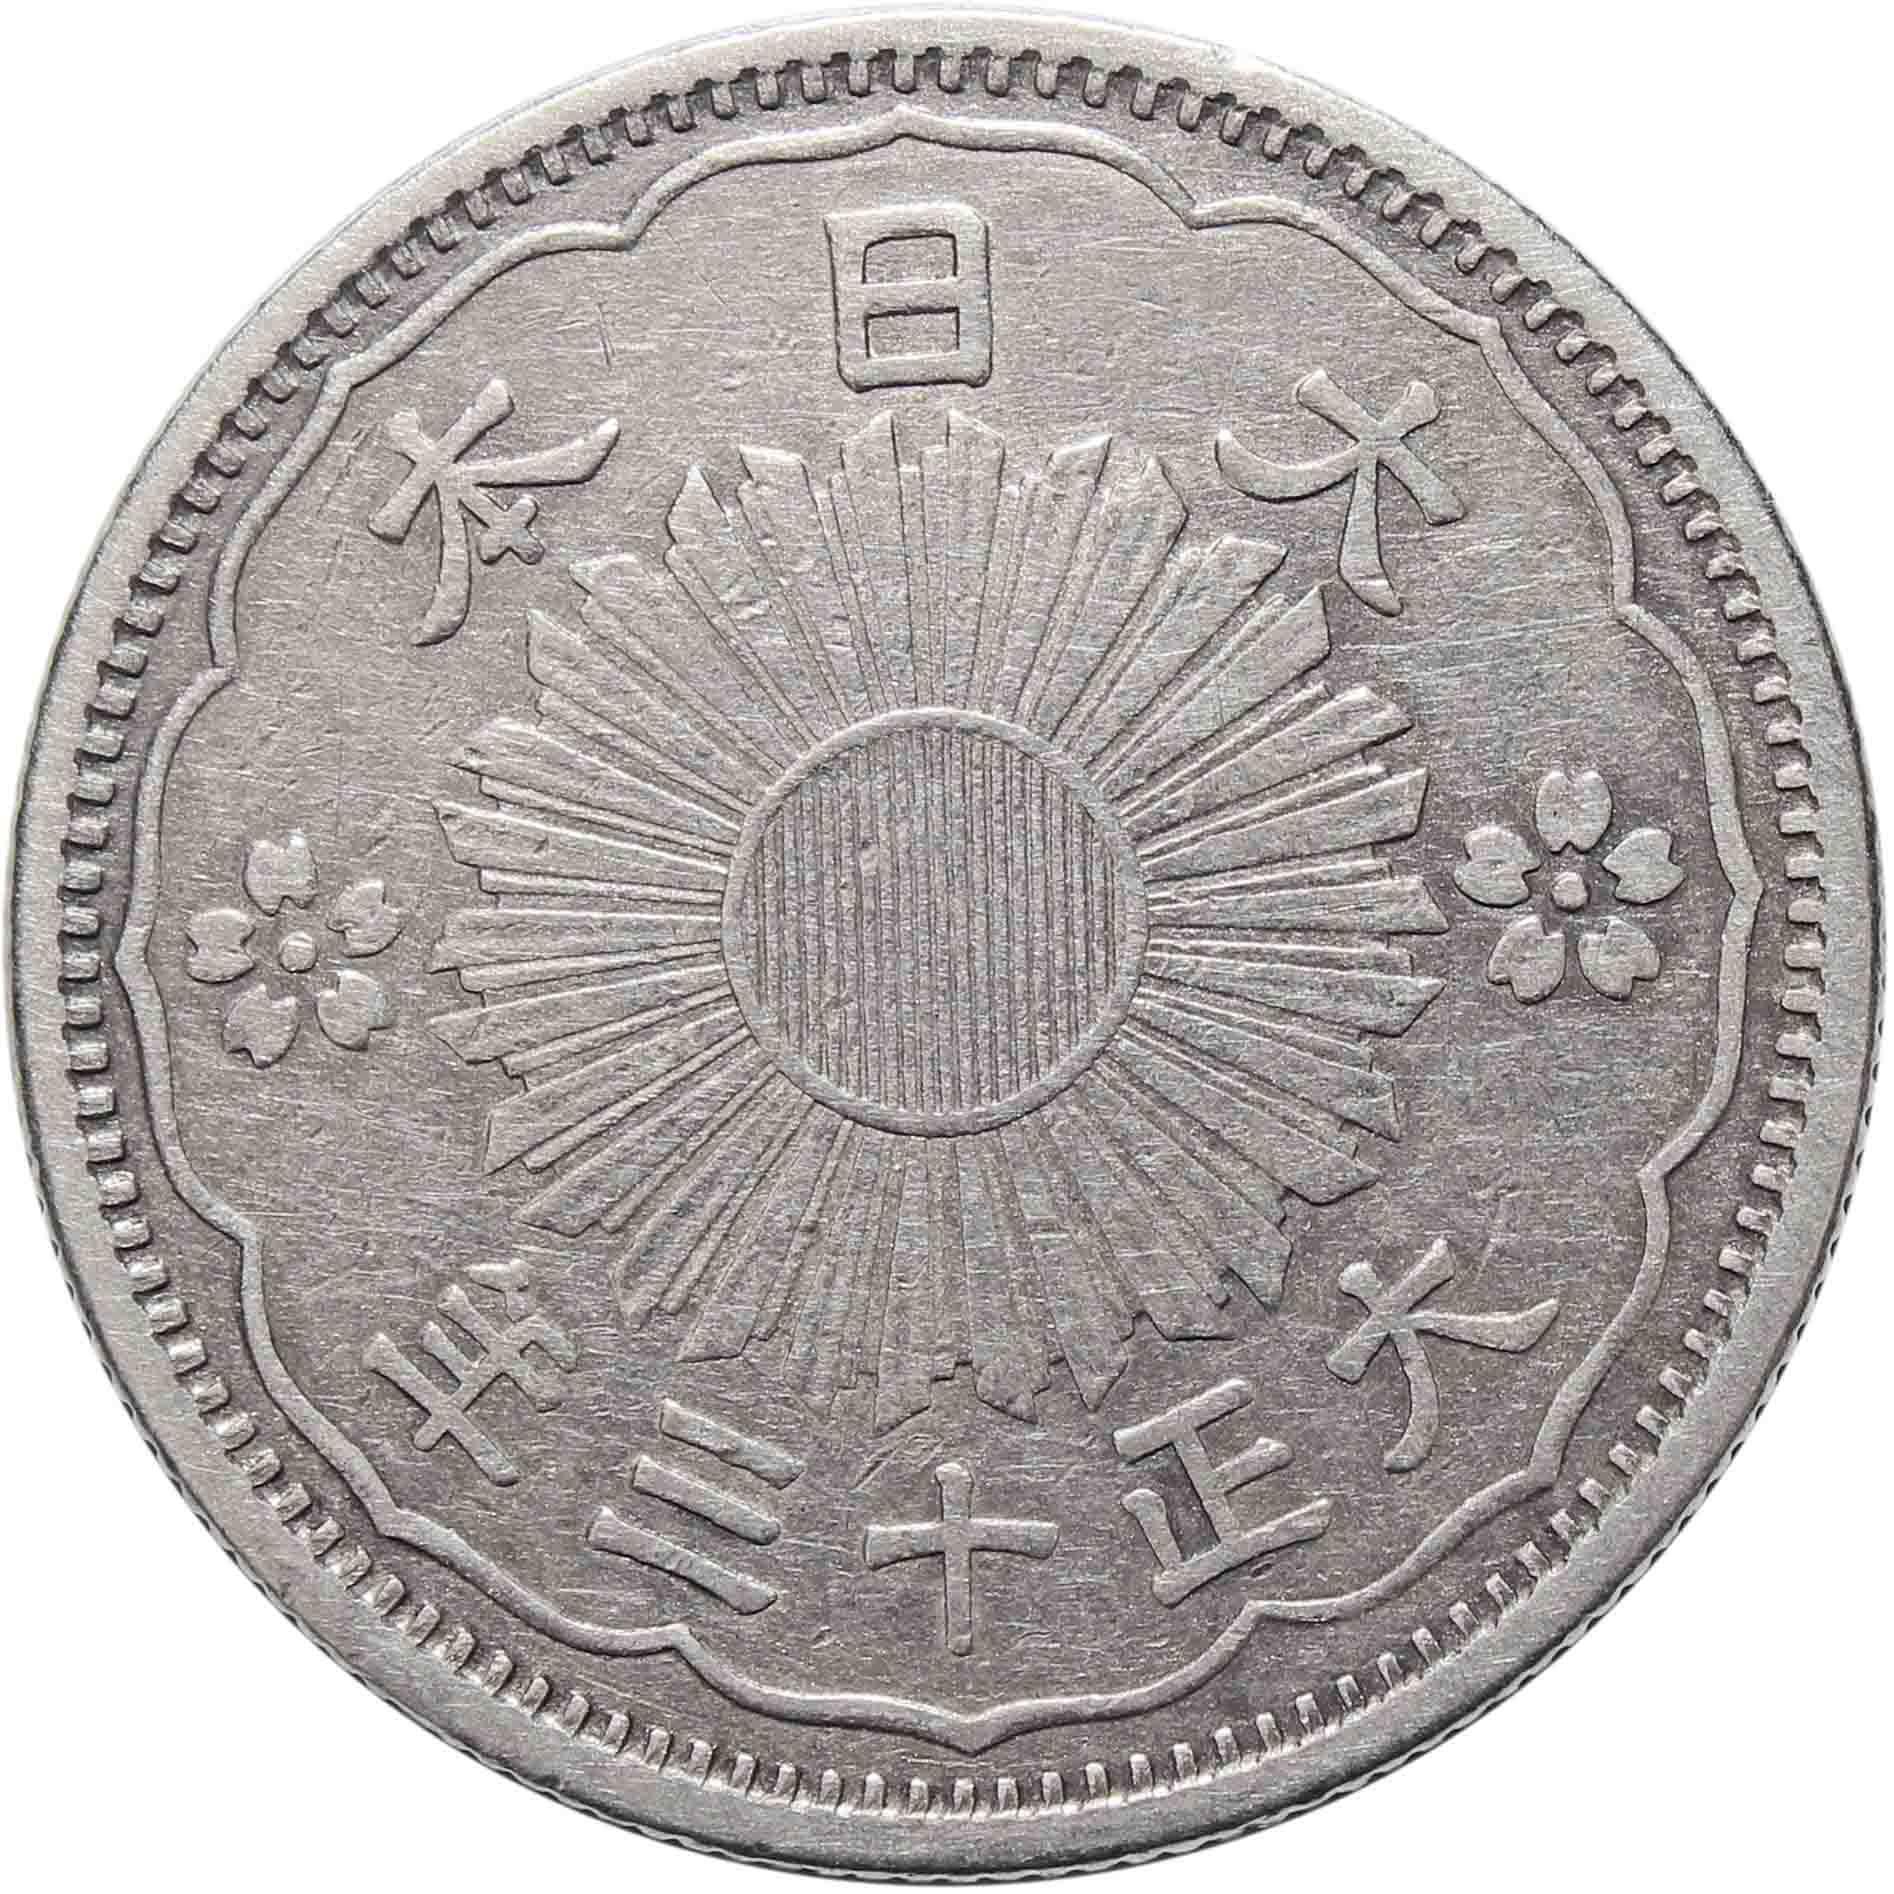 50 сен 1924 год Император Ёсихито (Тайсё) Япония Серебро XF